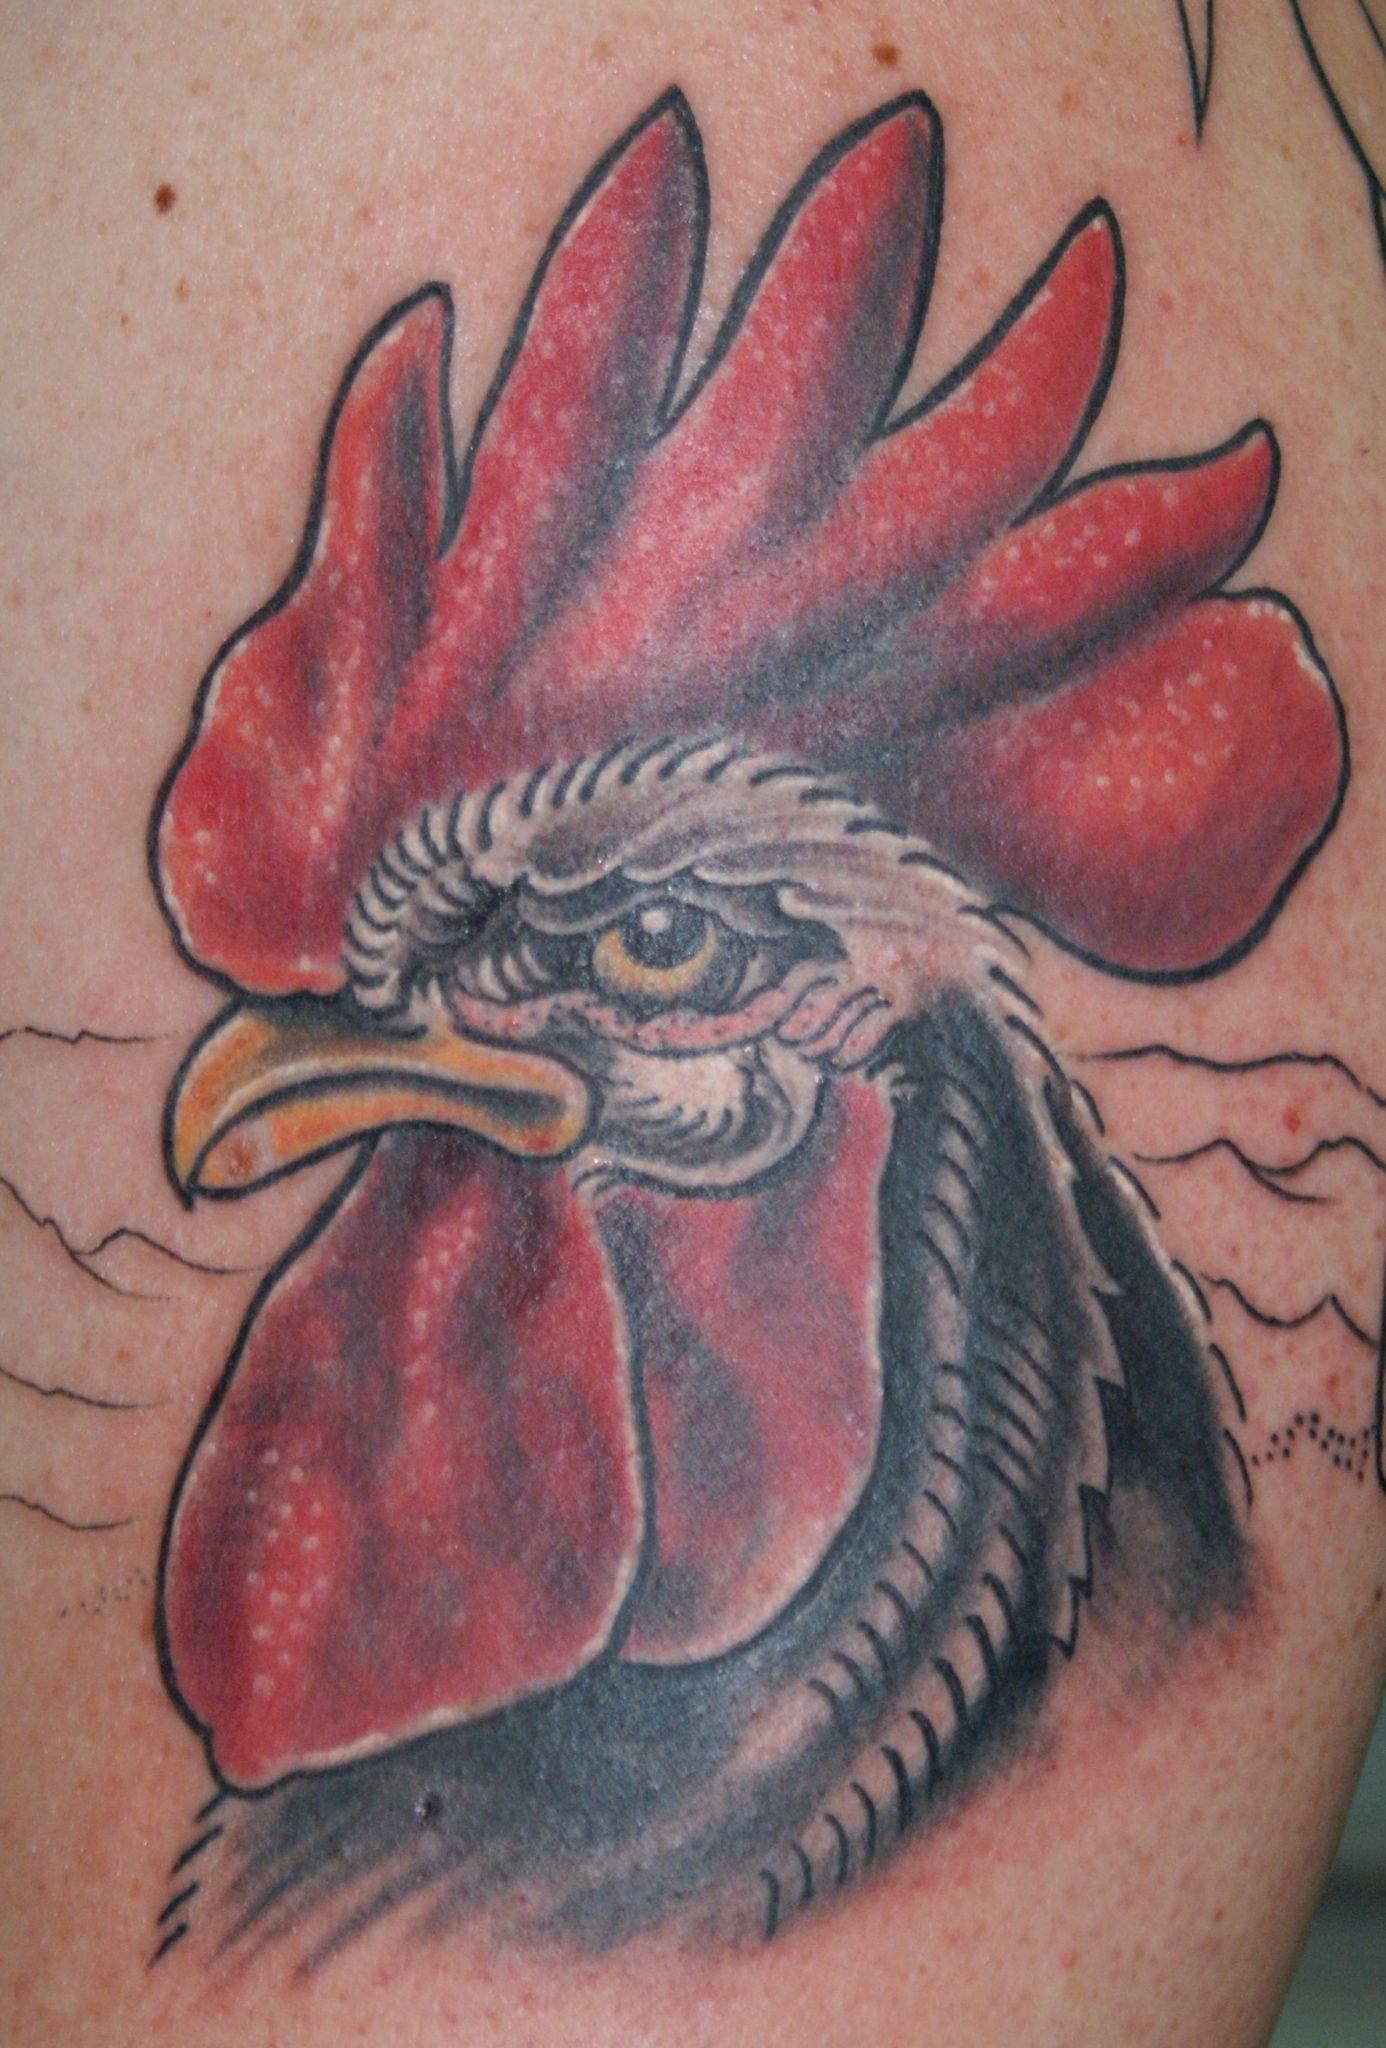 Hau(p)tsache Tattoo Frankfurt am Main